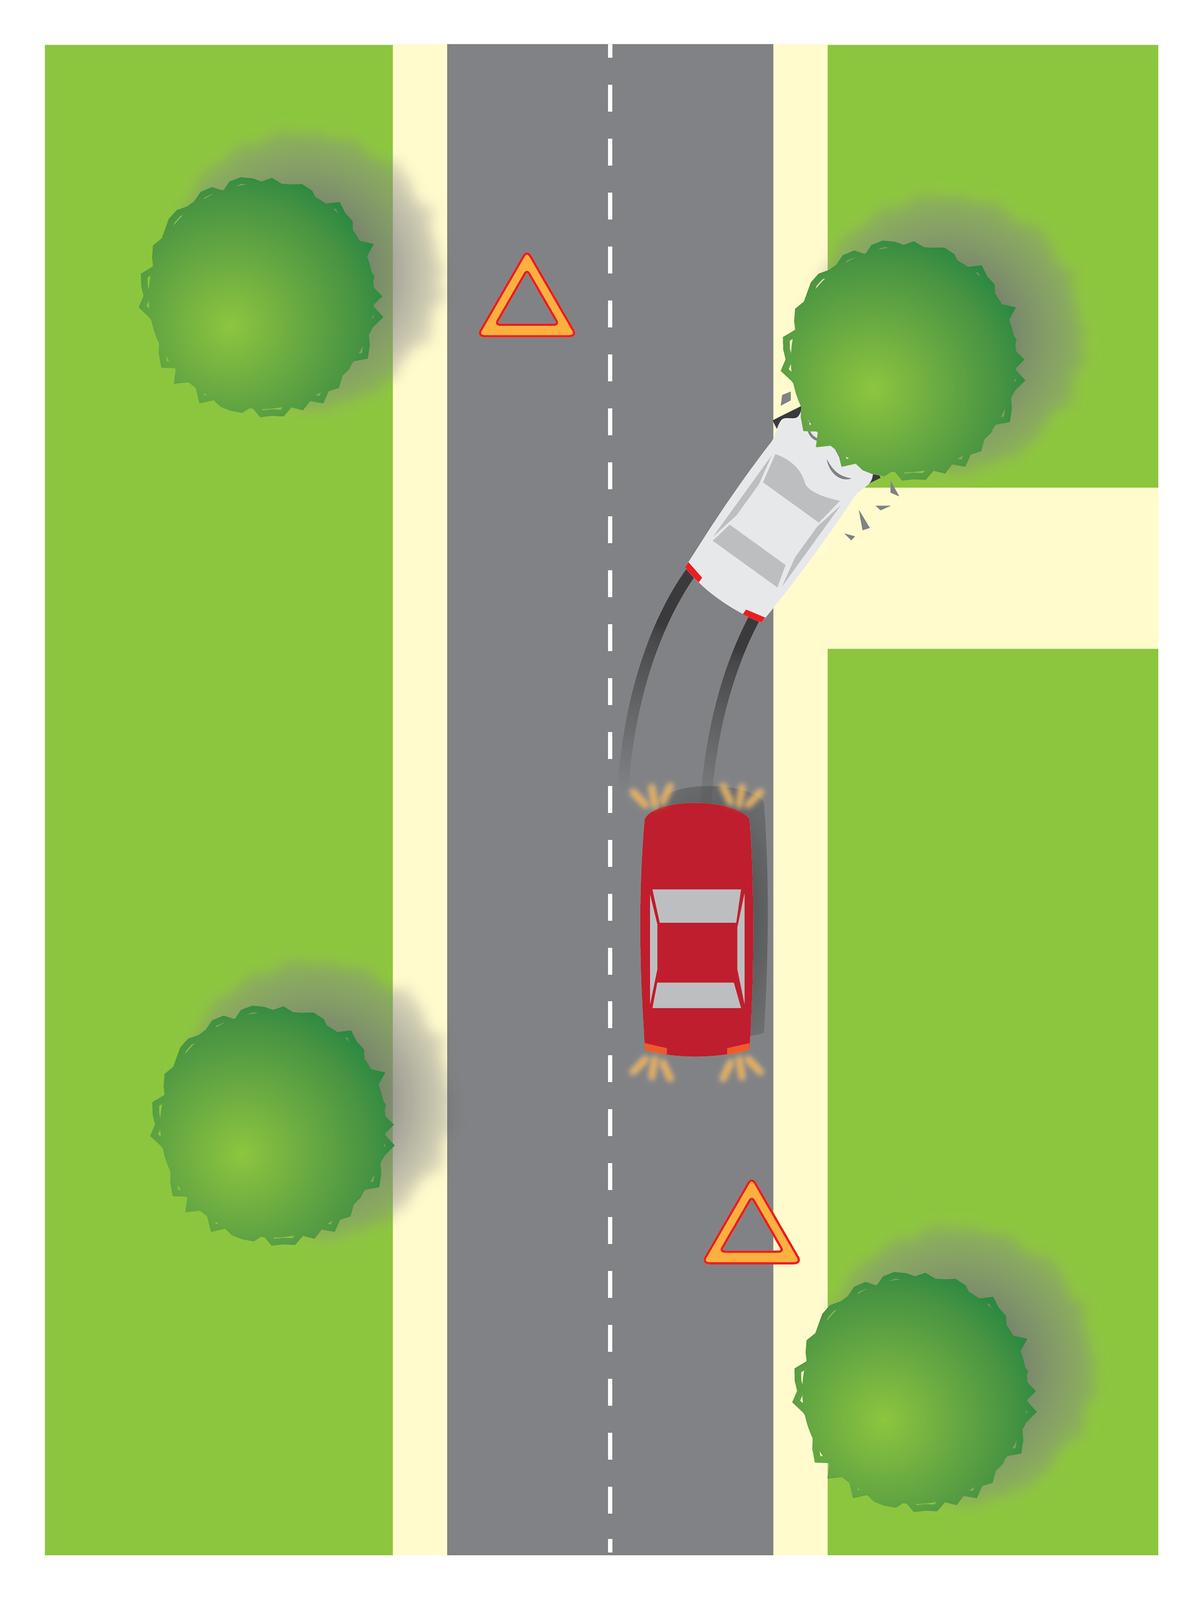 Galeria 1 składa się z4 ilustracji. Ilustracja podzielona na 3 równe pionowe pasy. Środkowy pas to dwupasmowa jezdnia. Wzdłuż jezdni przerywana linia. Po obu stronach jezdni pasy zieleni. Dzień. Na prawym pasie zaparkowany czerwony samochód osobowy. Samochód maską skierowany wgórę ilustracji. Za tyłem samochodu, wdole ilustracji, rozłożony pomarańczowy trójkąt ostrzegawczy. Samochód ma włączone światła awaryjne. Przez maską samochodu dwa czarne ślady na jezdni, skręcające wprawo. Czarne ślady to droga hamowania białego samochodu. Biały samochód czołowo uderzył wprzydrożne drzewo. Na lewo, powyżej białego samochodu, rozłożony pomarańczowy trójkąt ostrzegawczy.